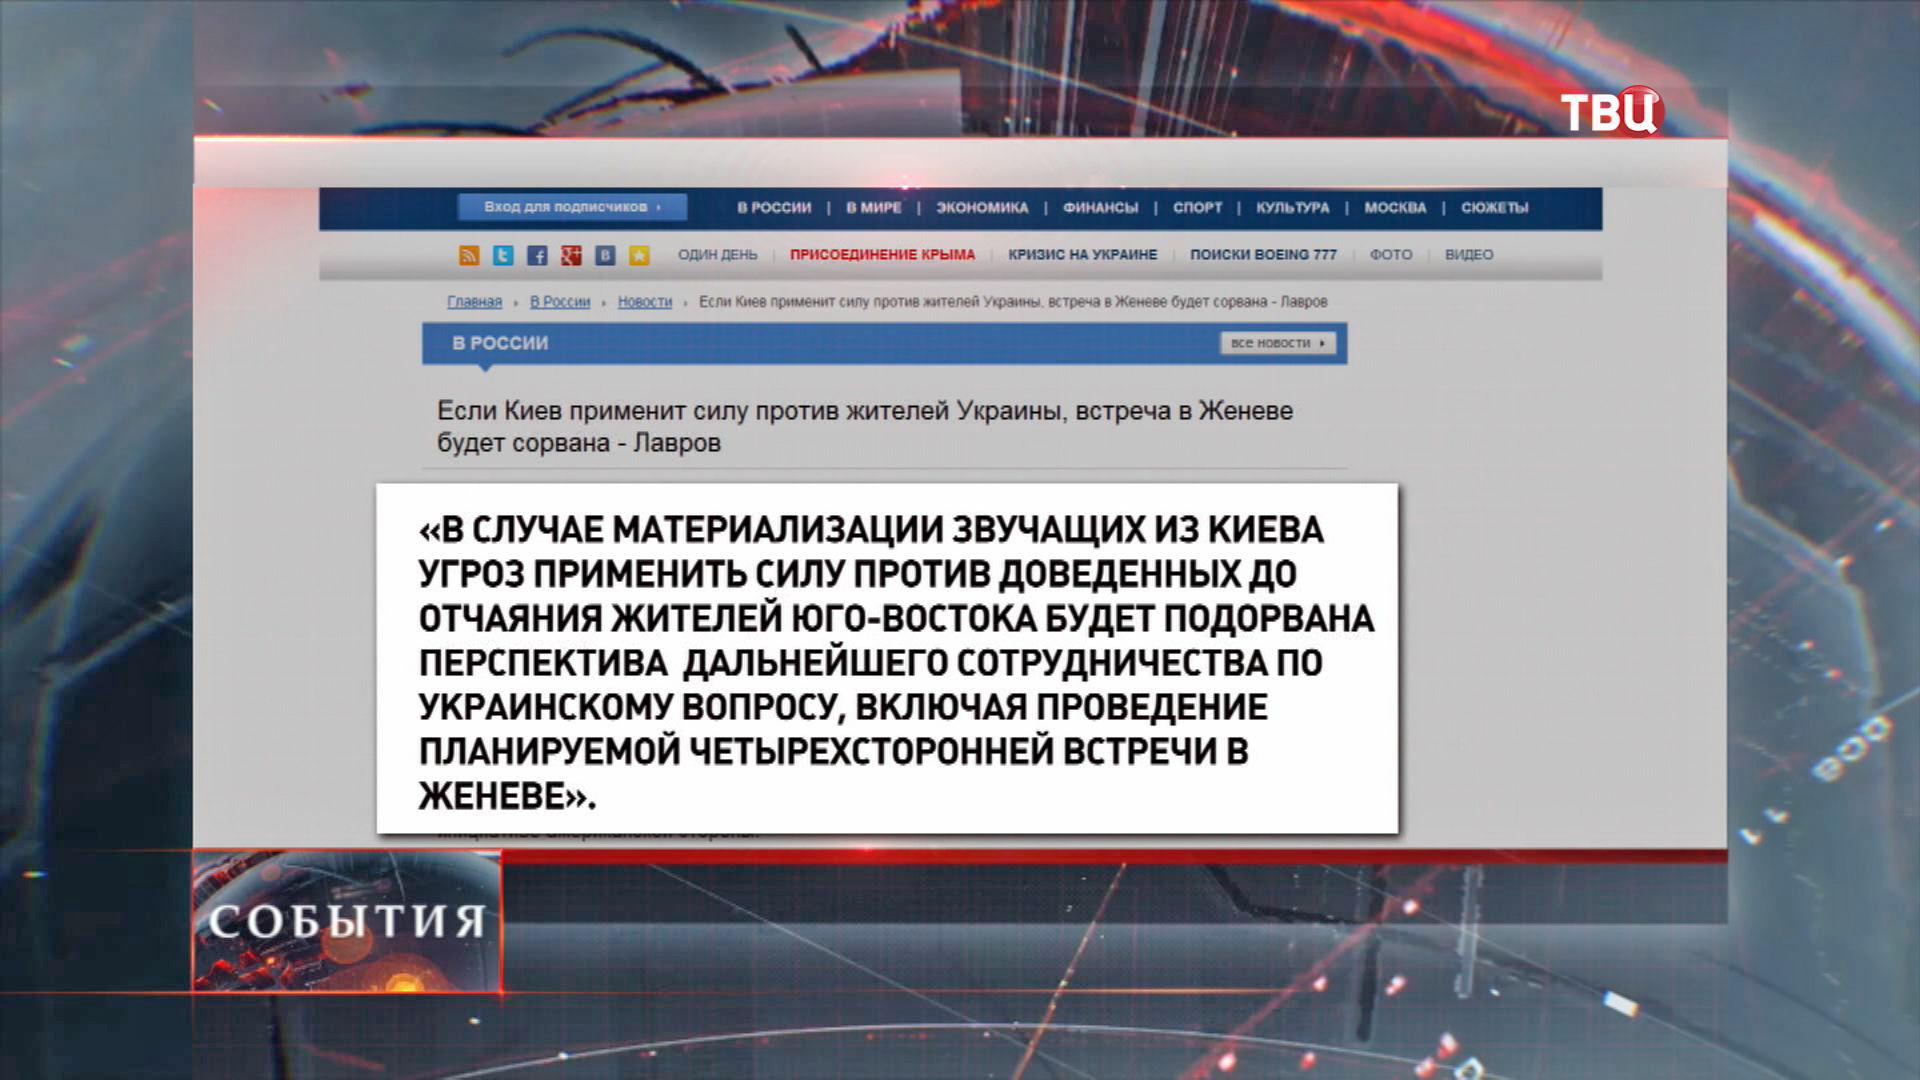 Применение силы на юго-востоке Украины сорвет встречу в Женеве